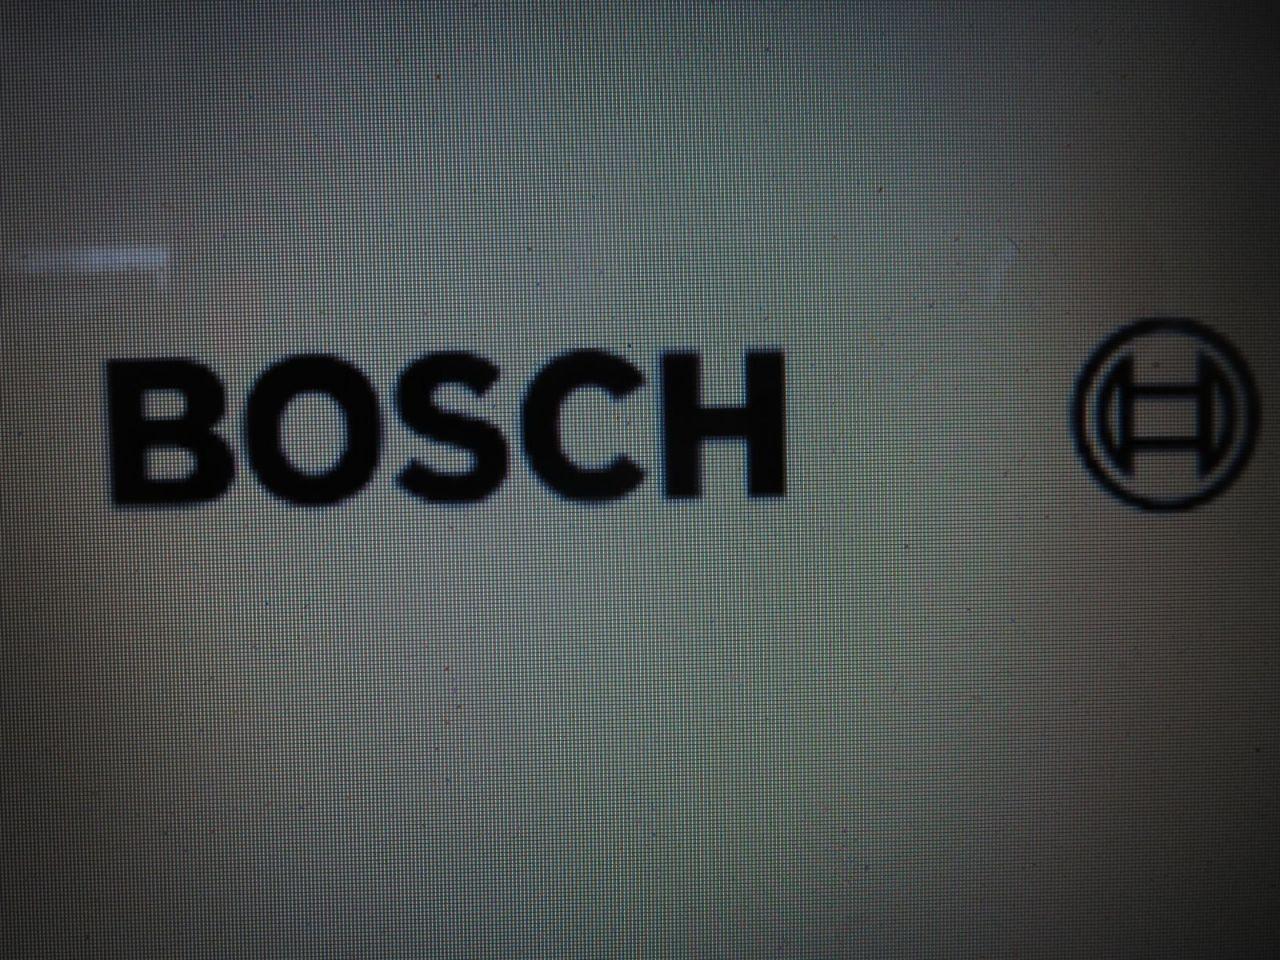 Bosch 2.JPG